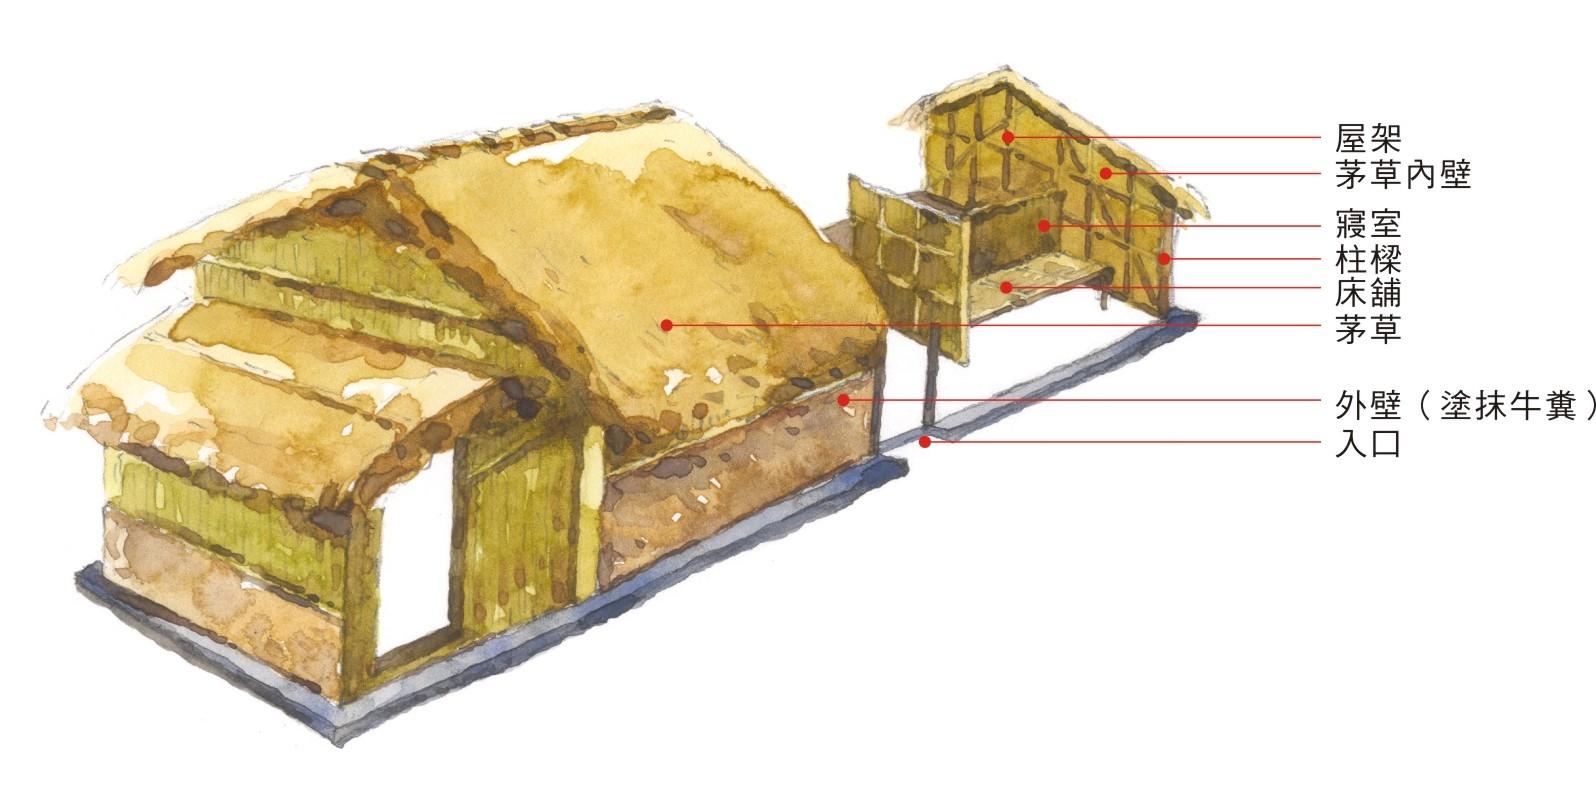 噶瑪蘭族建築空間佈局圖